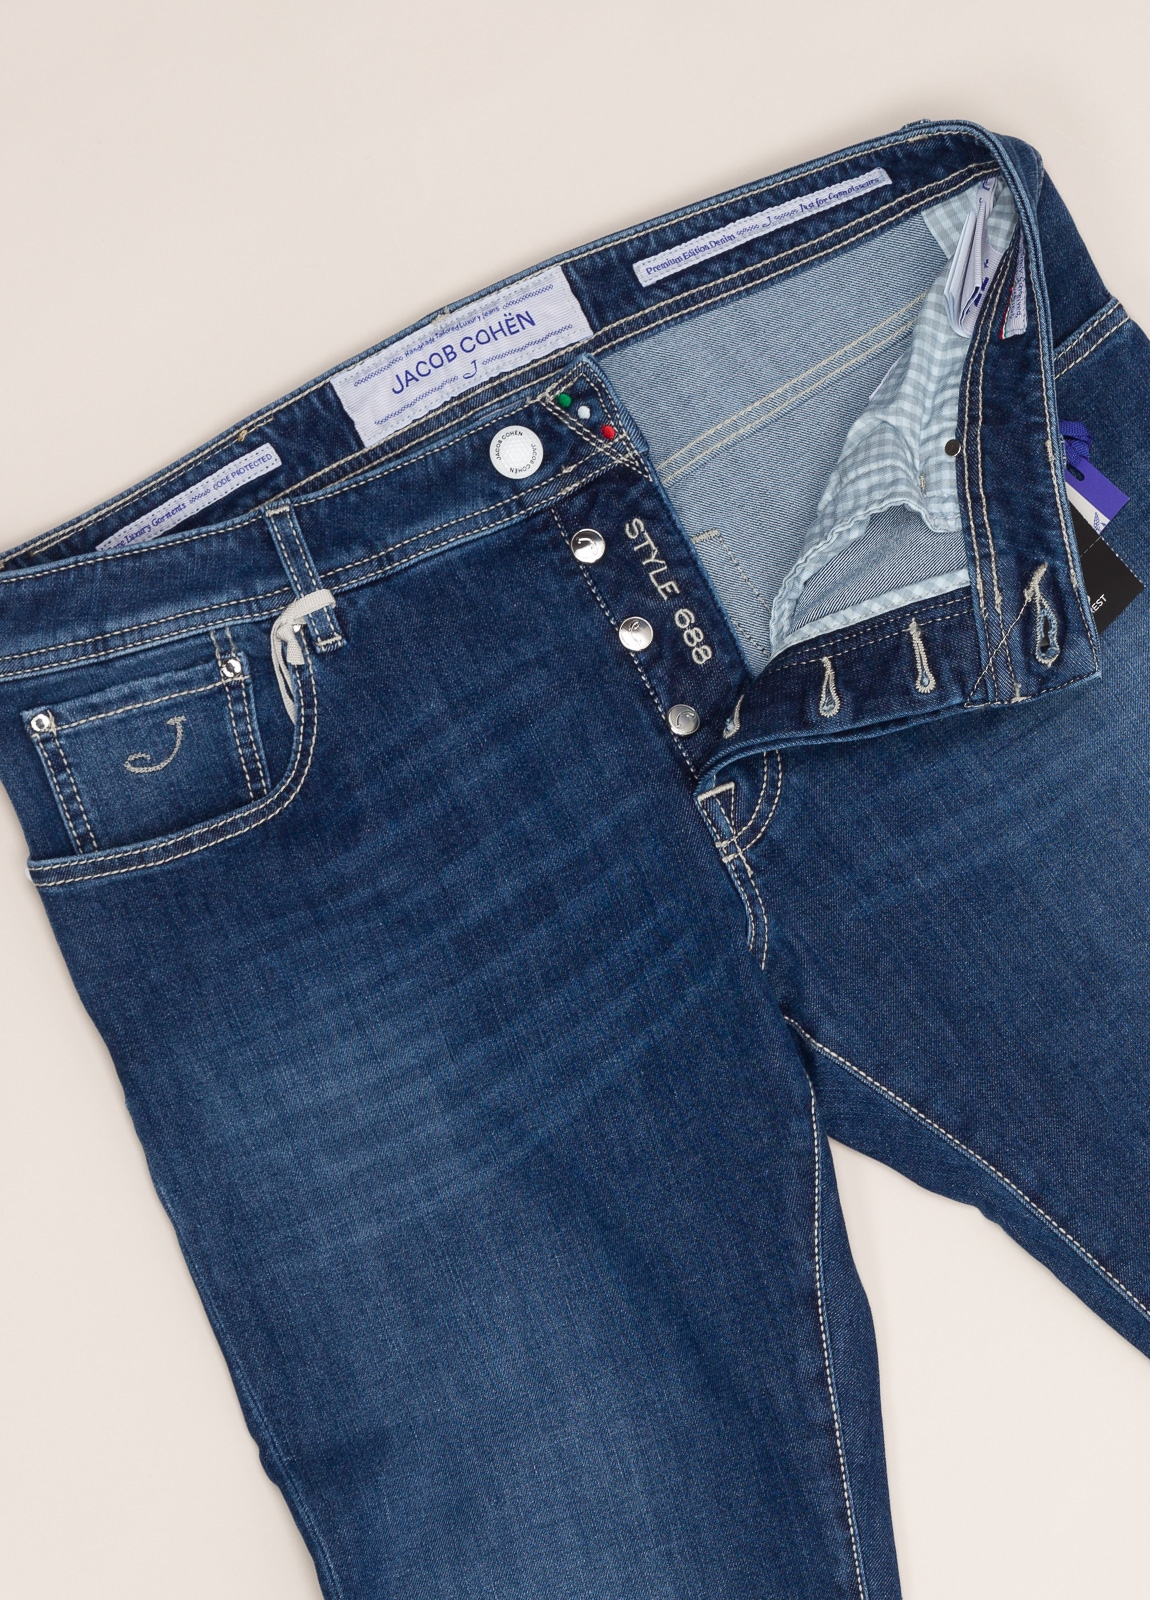 Pantalón tejano JACOB COHEN azul oscuro - Ítem1